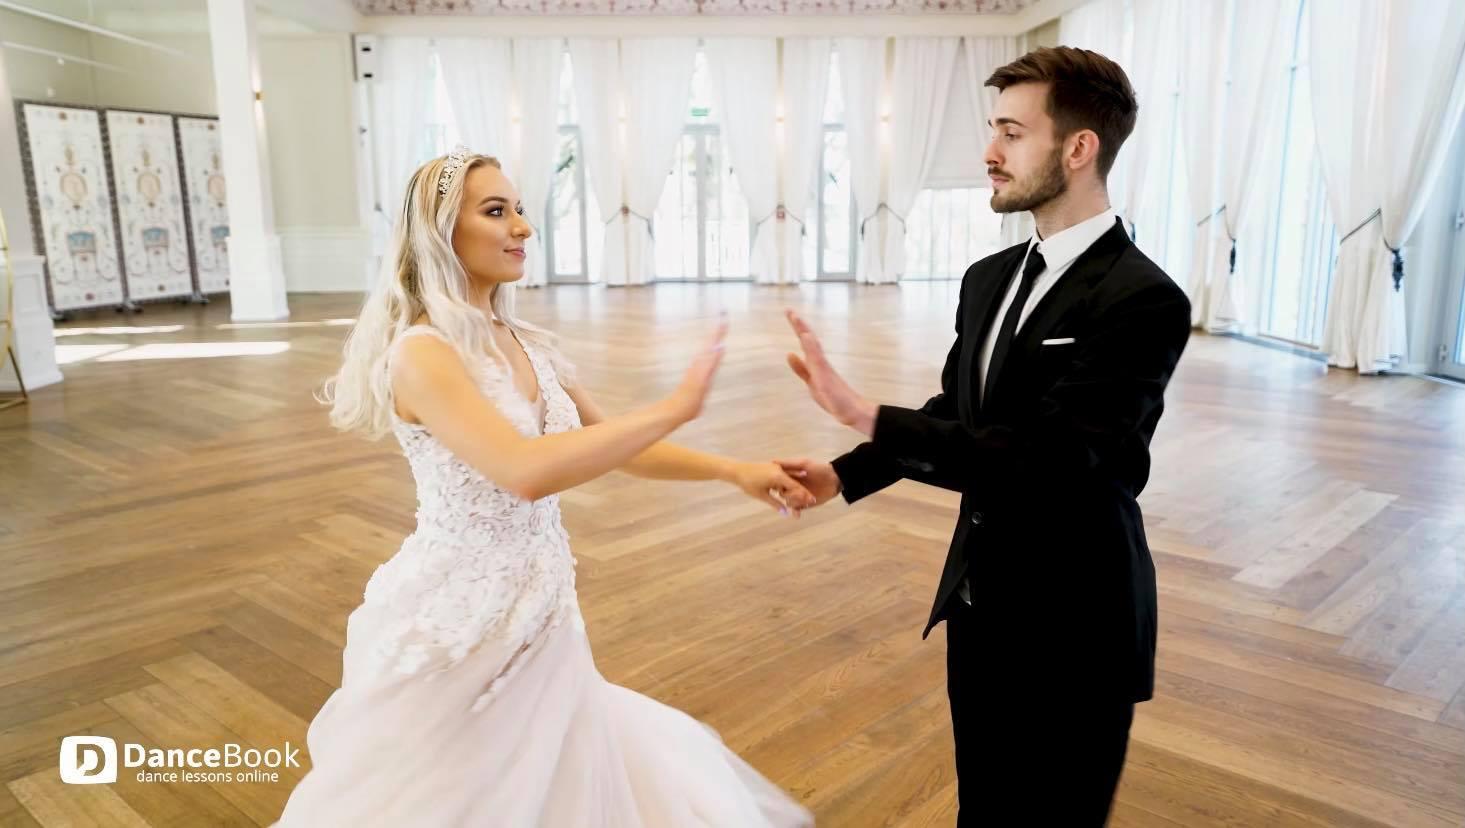 Nauka Pierwszego Tańca - Kurs Pierwszego Tańca - Krok Podstawowy Walca